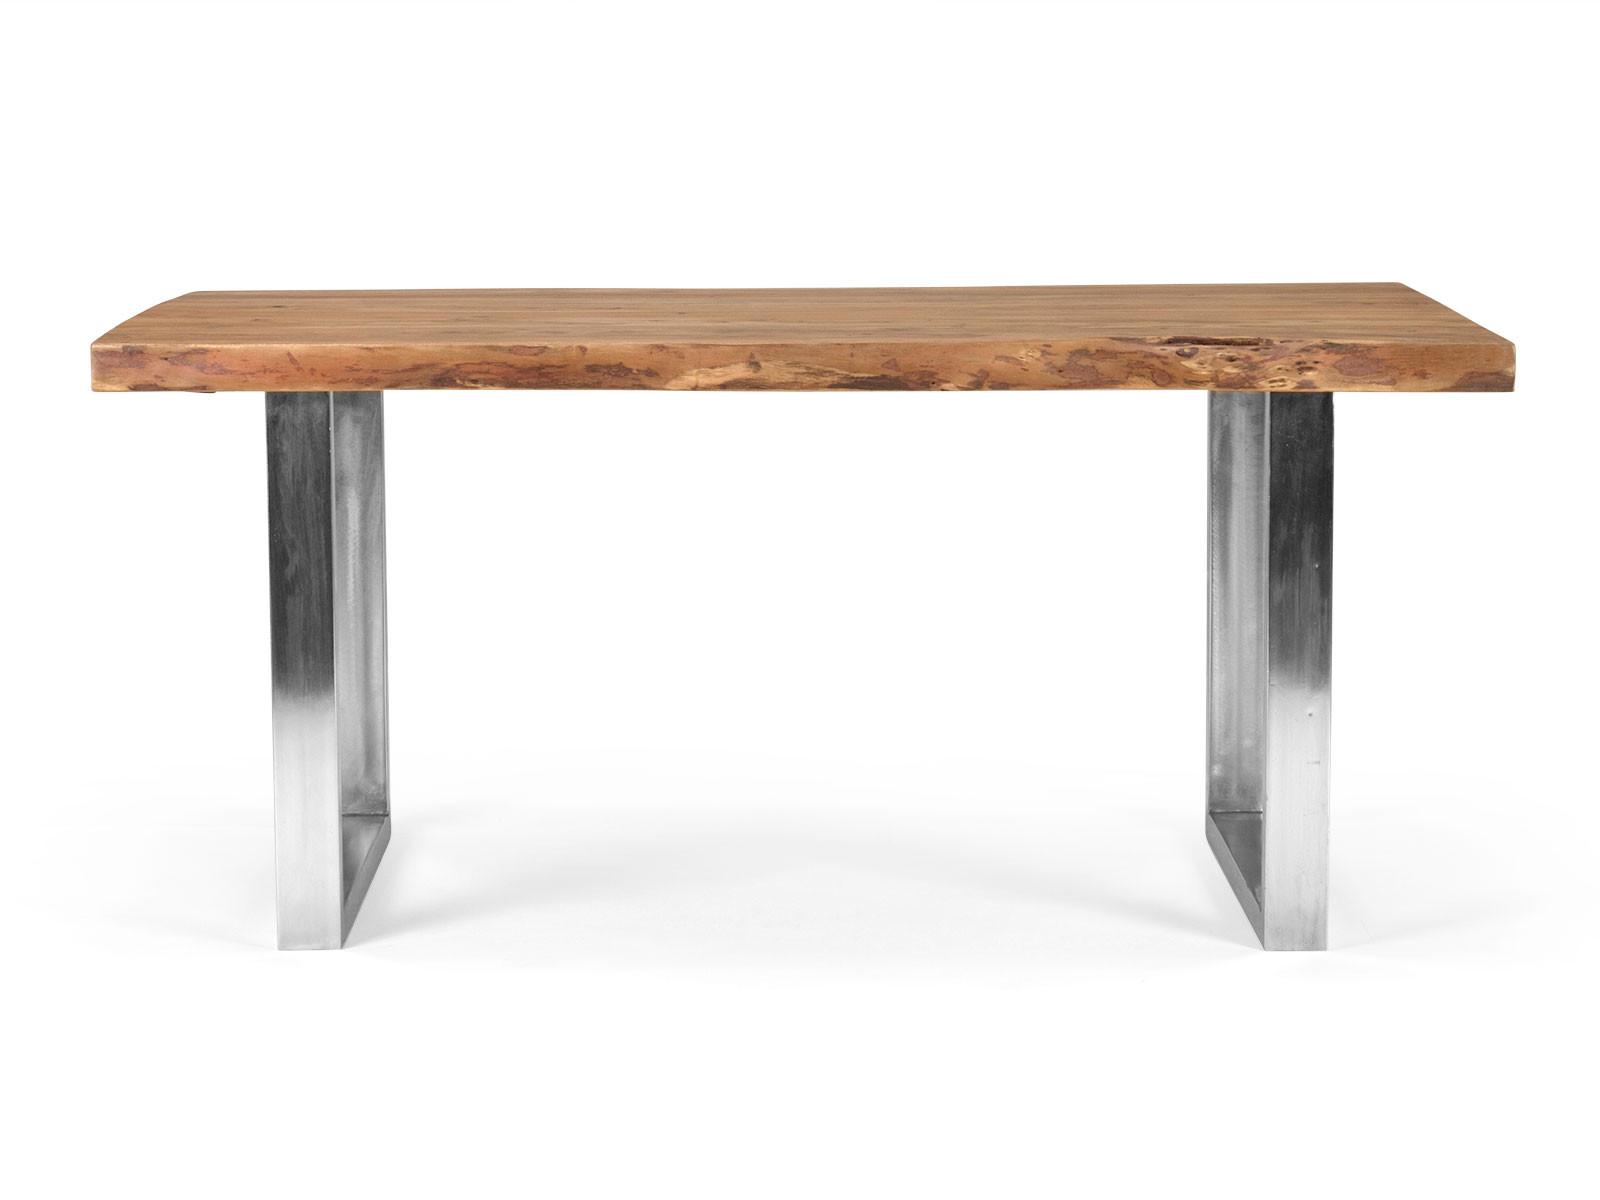 industrial m bel esstisch aus massivholz baumtisch versandkostenfreie m bel. Black Bedroom Furniture Sets. Home Design Ideas